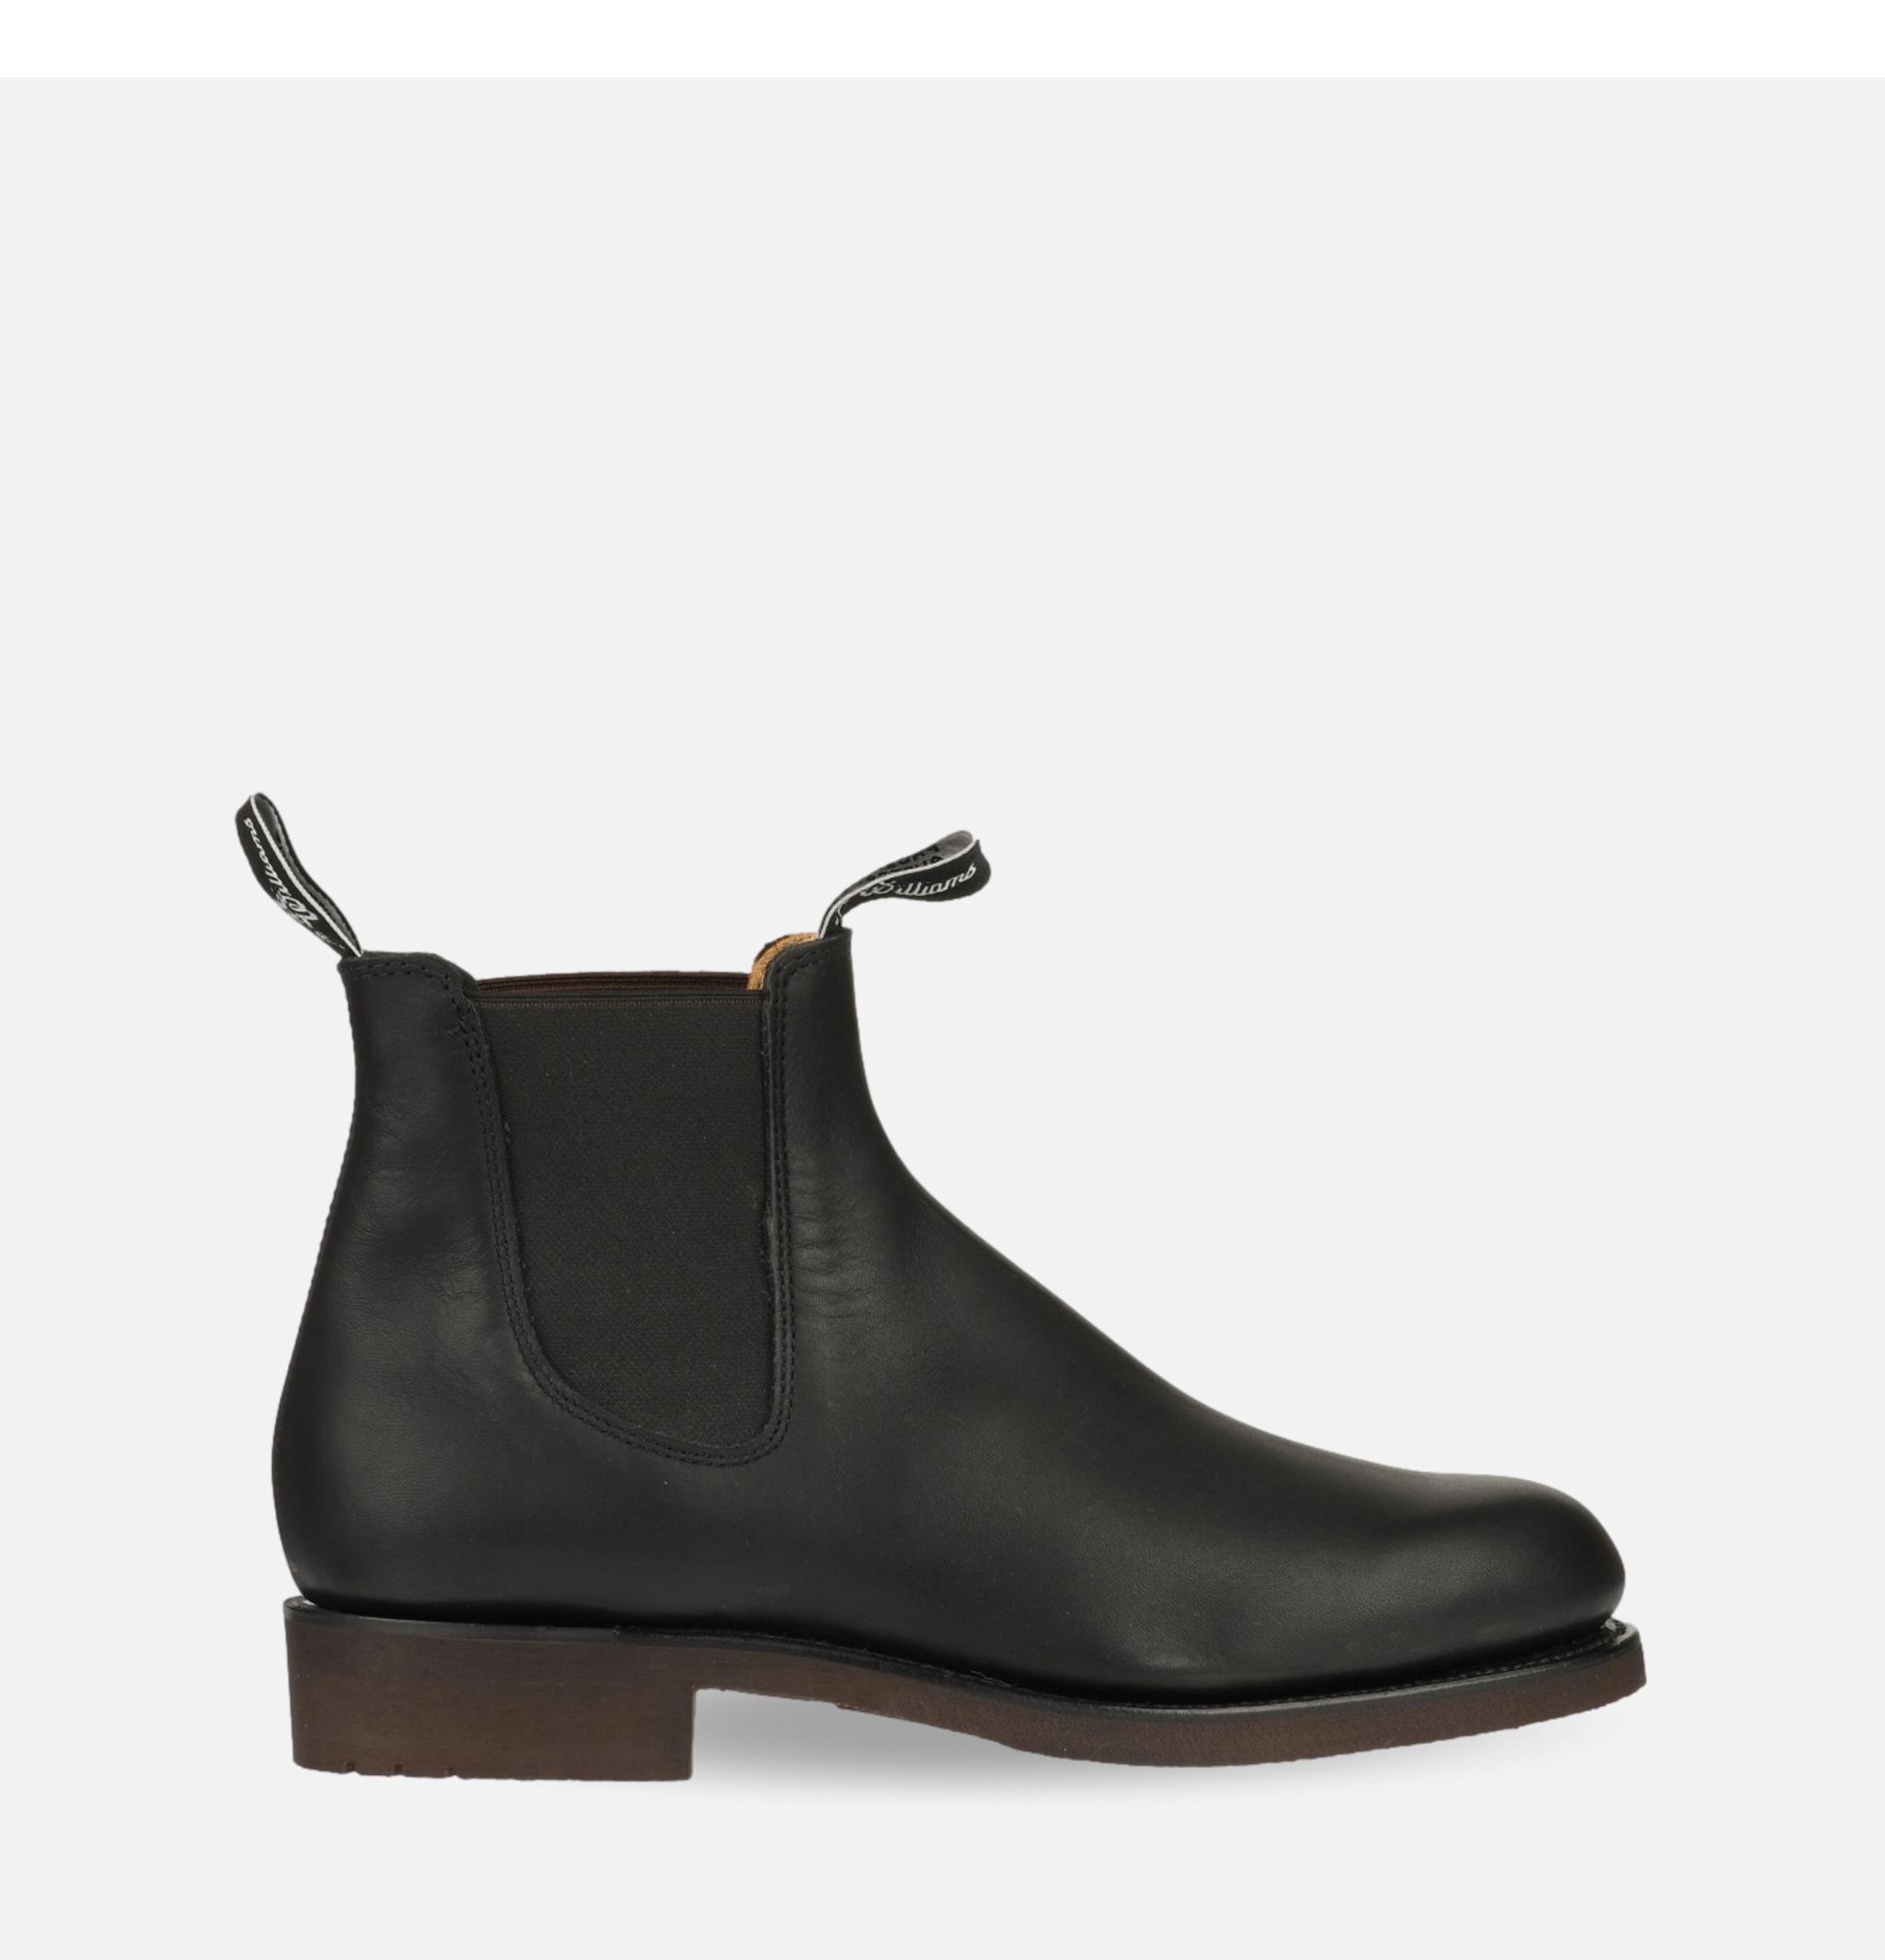 Gardener Boots Black